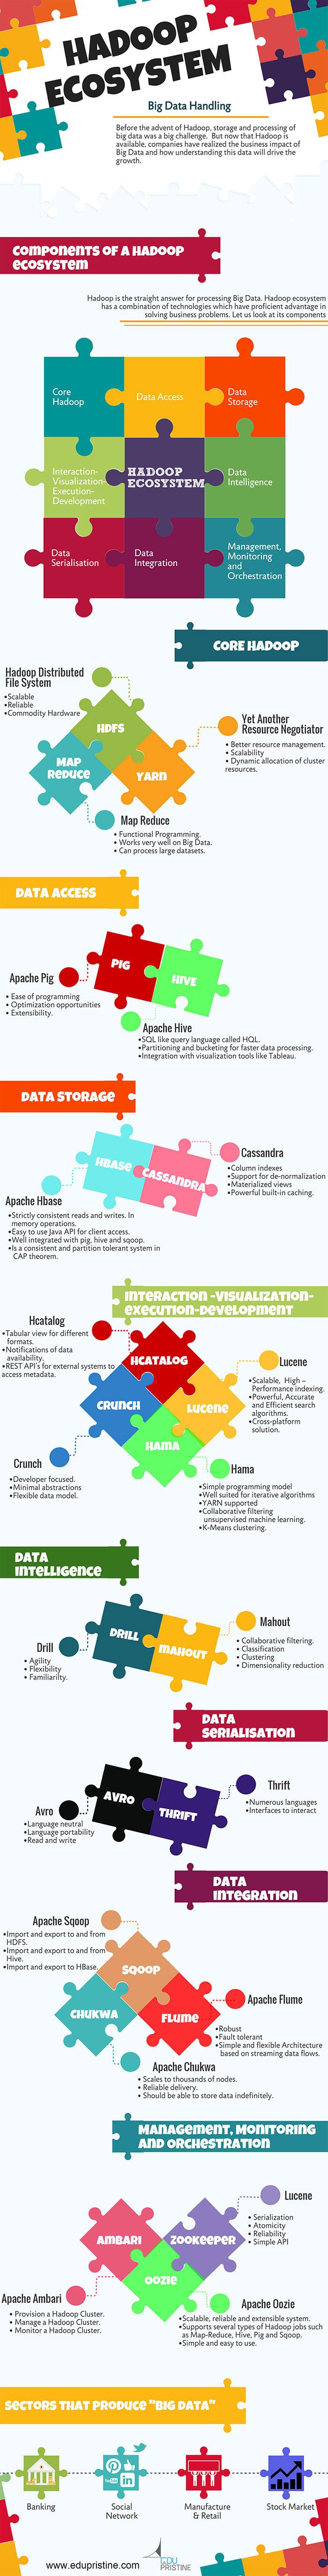 hadoop ecosystem infographic